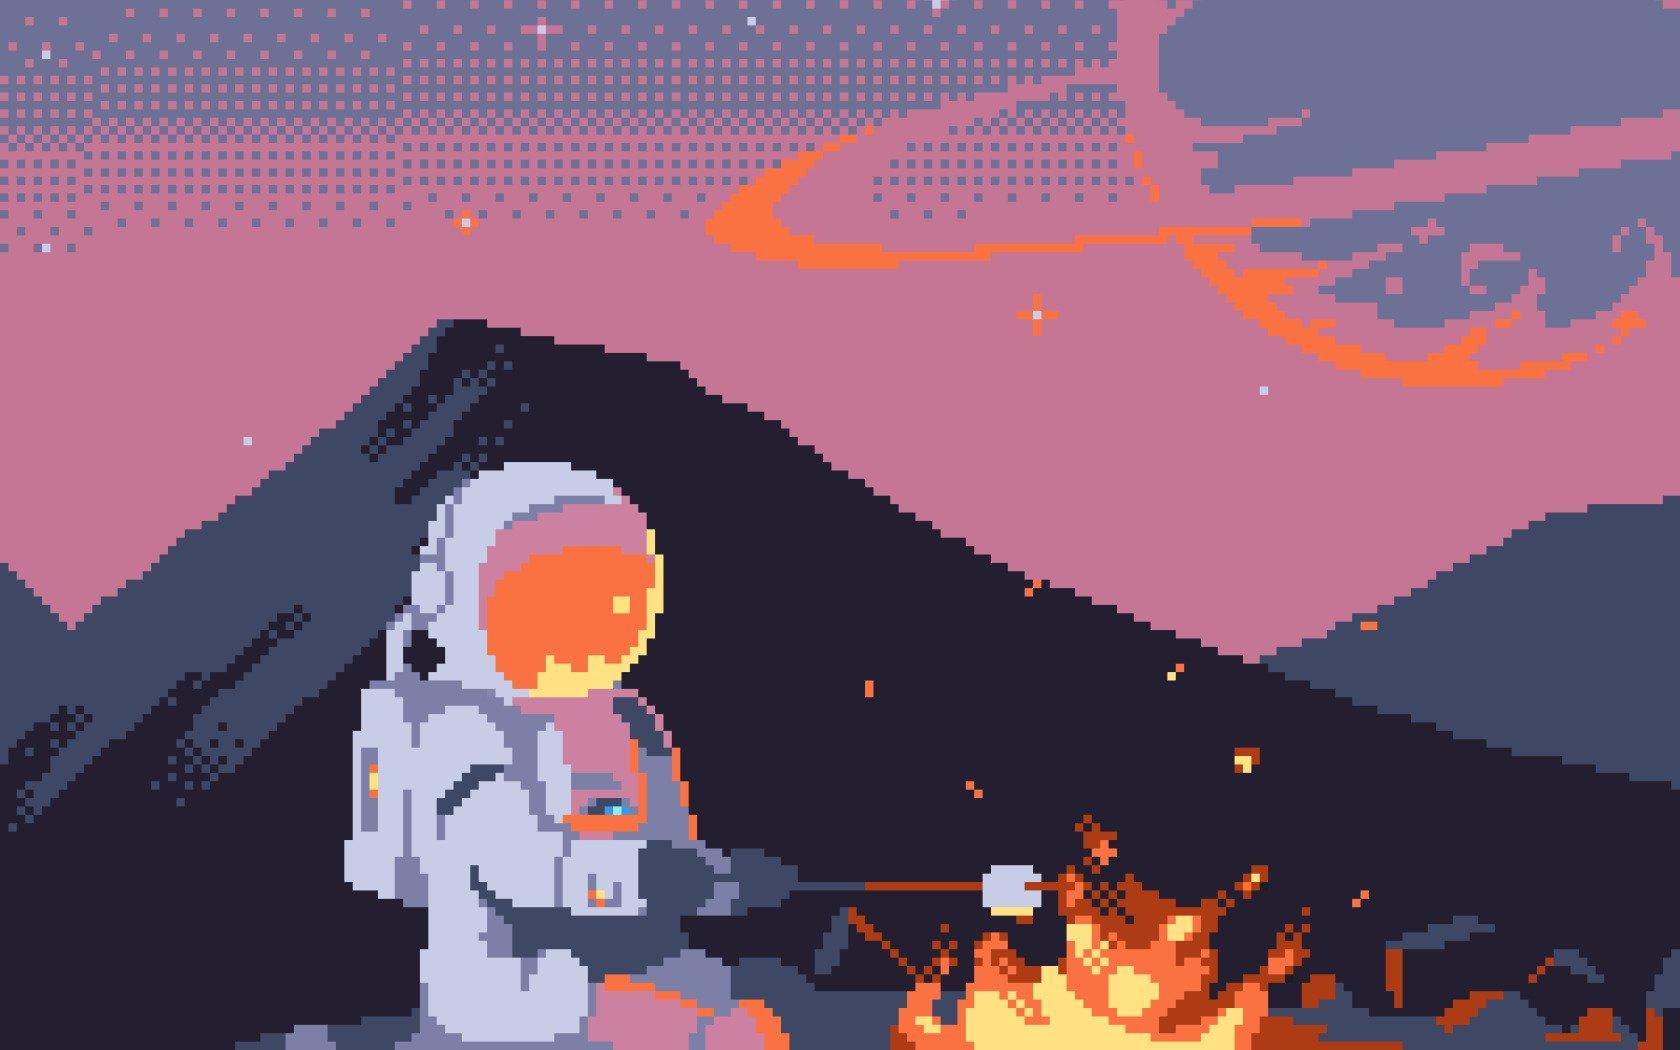 Astronaut, Pixelated, Pixel Art, Pixels, 8 Bit, Space